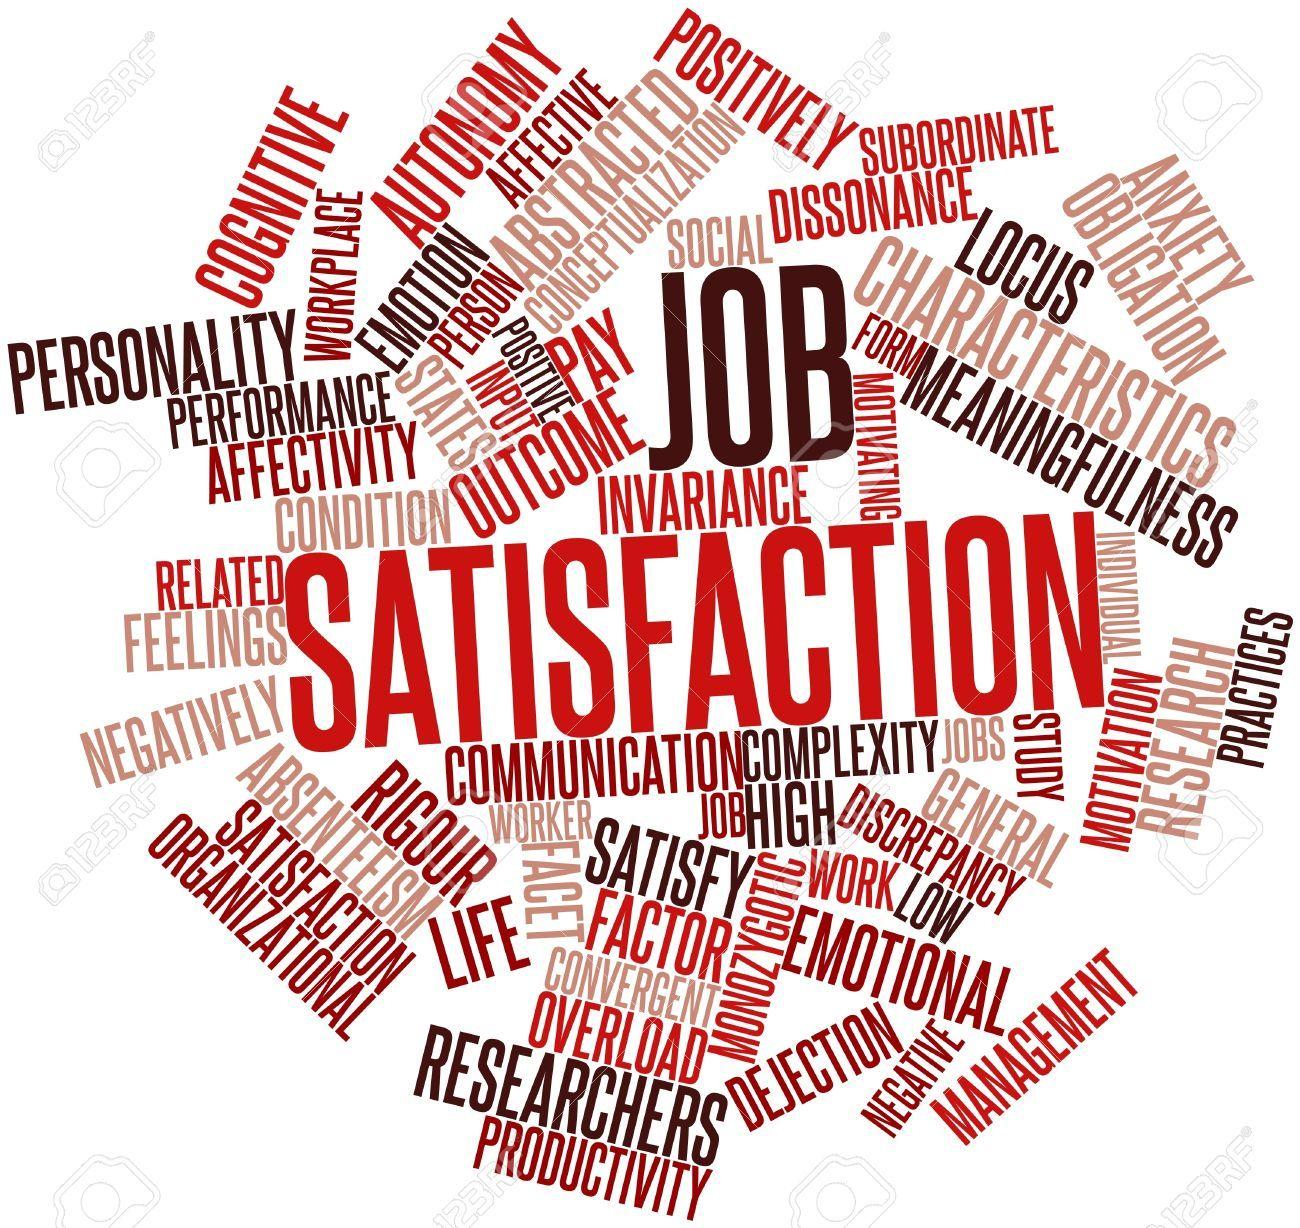 Job satisfaction clipart 7 » Clipart Portal.